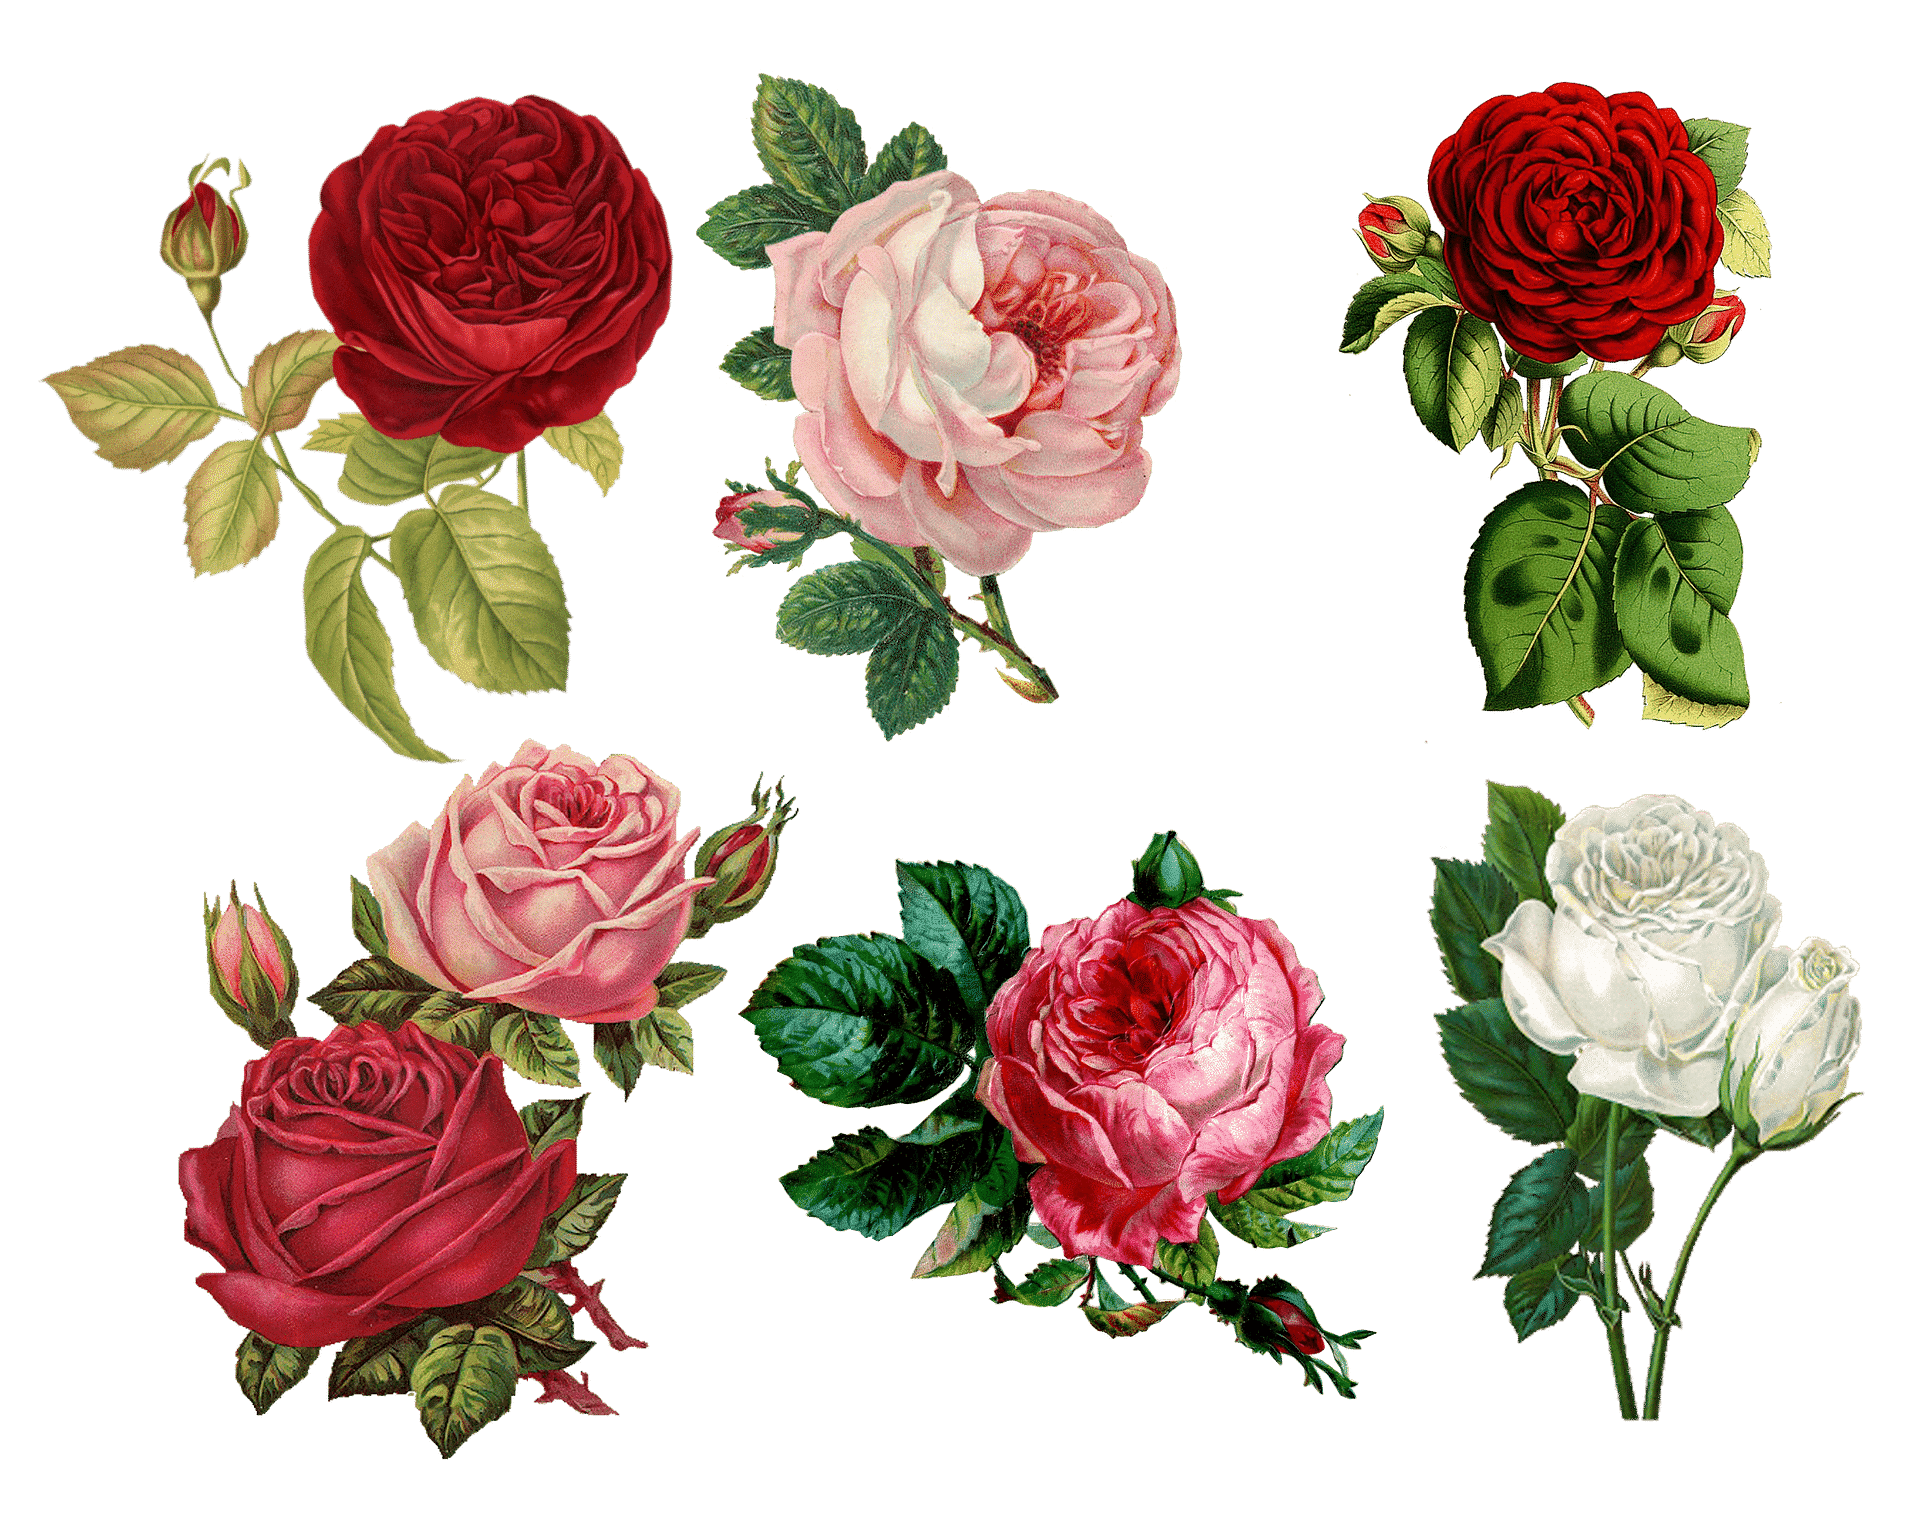 sechs Rosen Illustrationen rot rosa grün weiß auf weißem Hintergrund